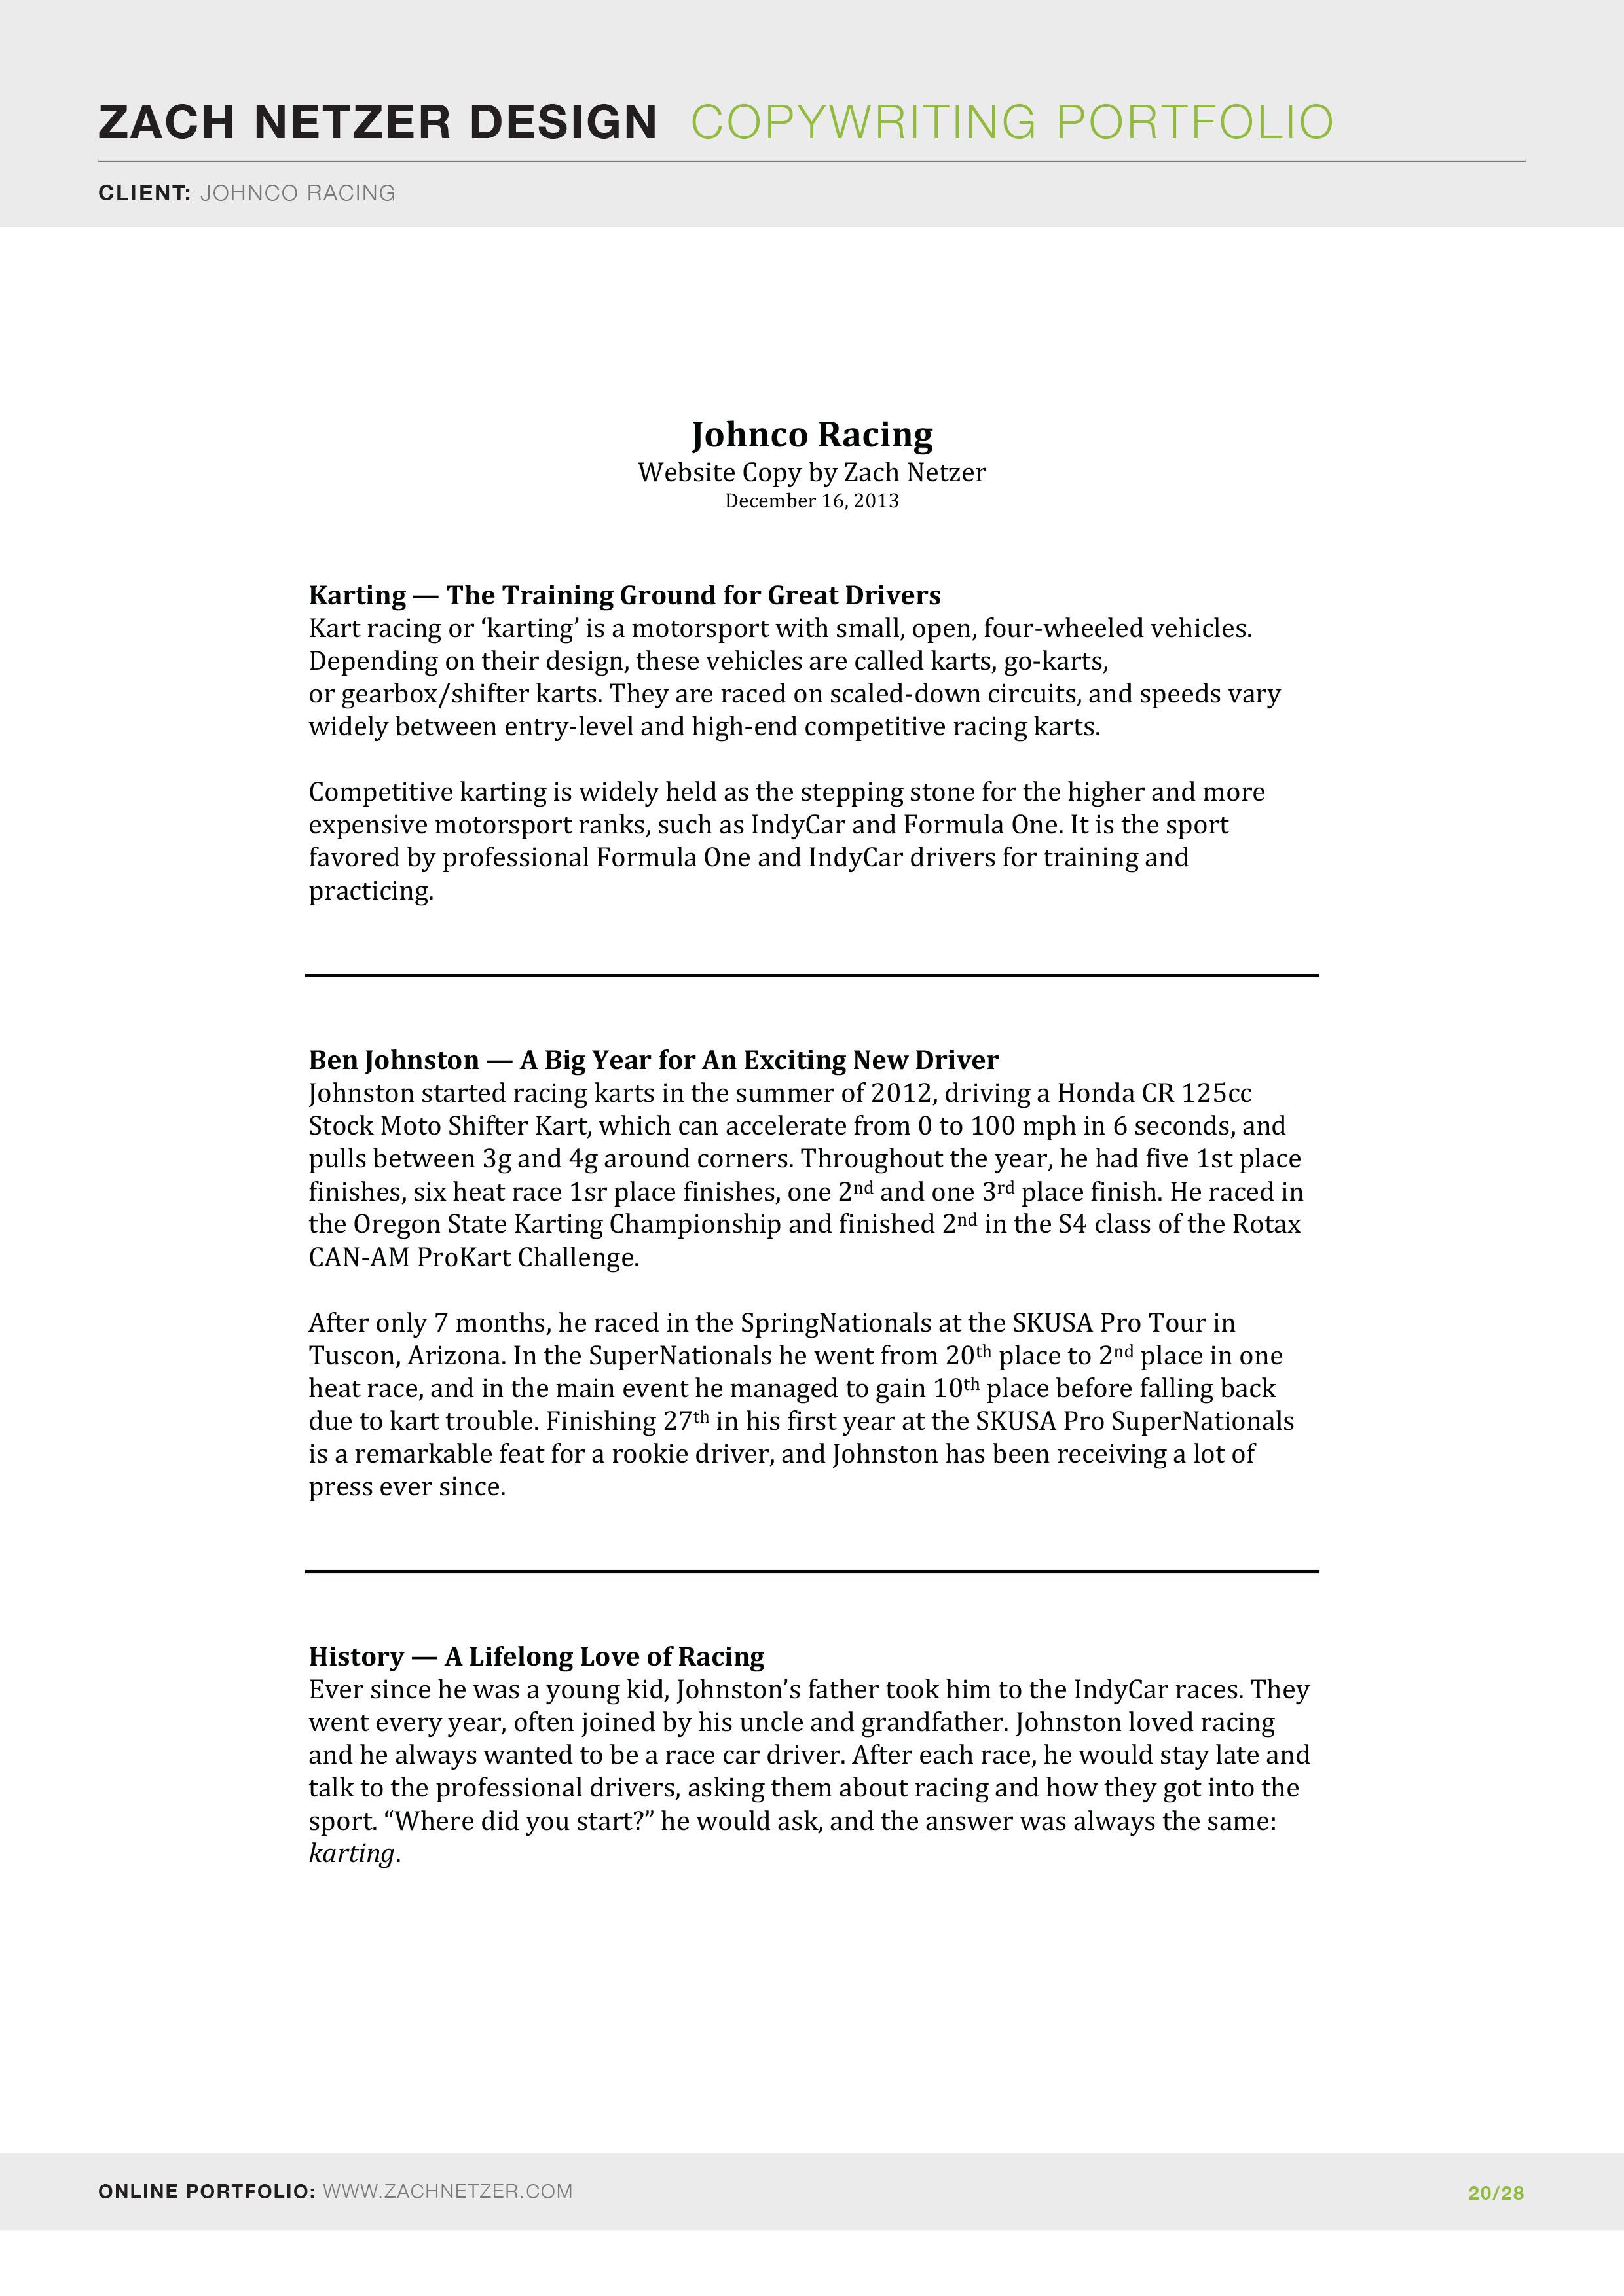 Zach-Netzer-Design---Copywriting-Portfolio-20.jpg